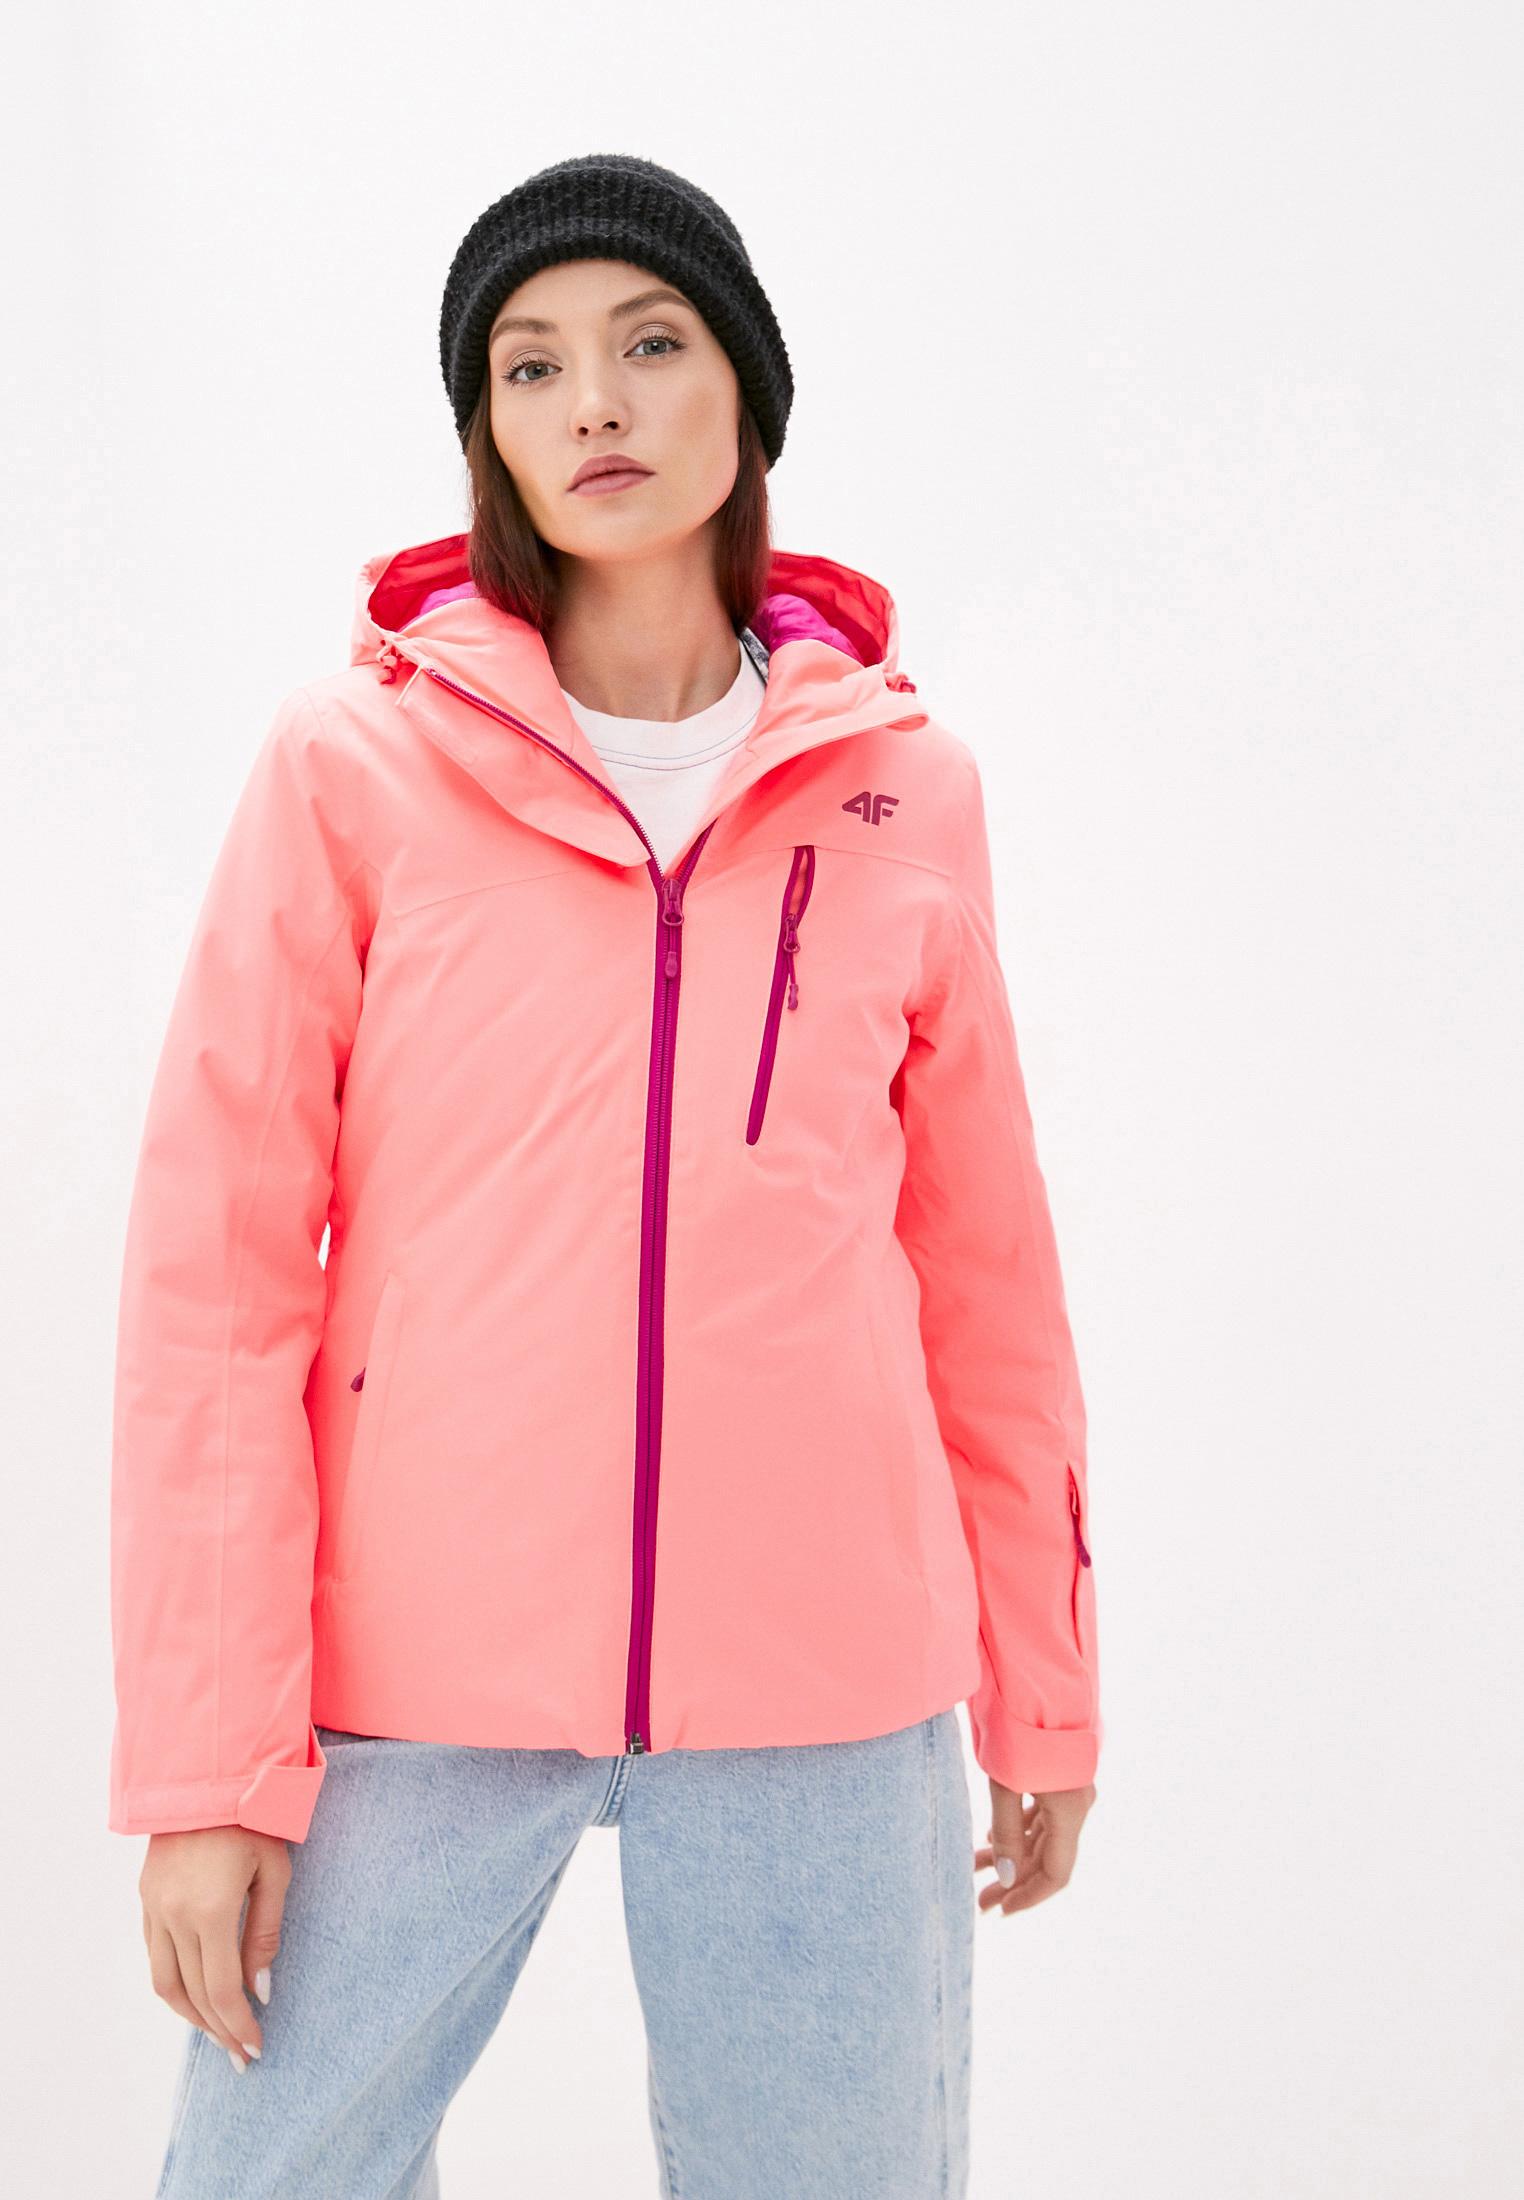 Женская верхняя одежда 4F H4Z20-KUDN003